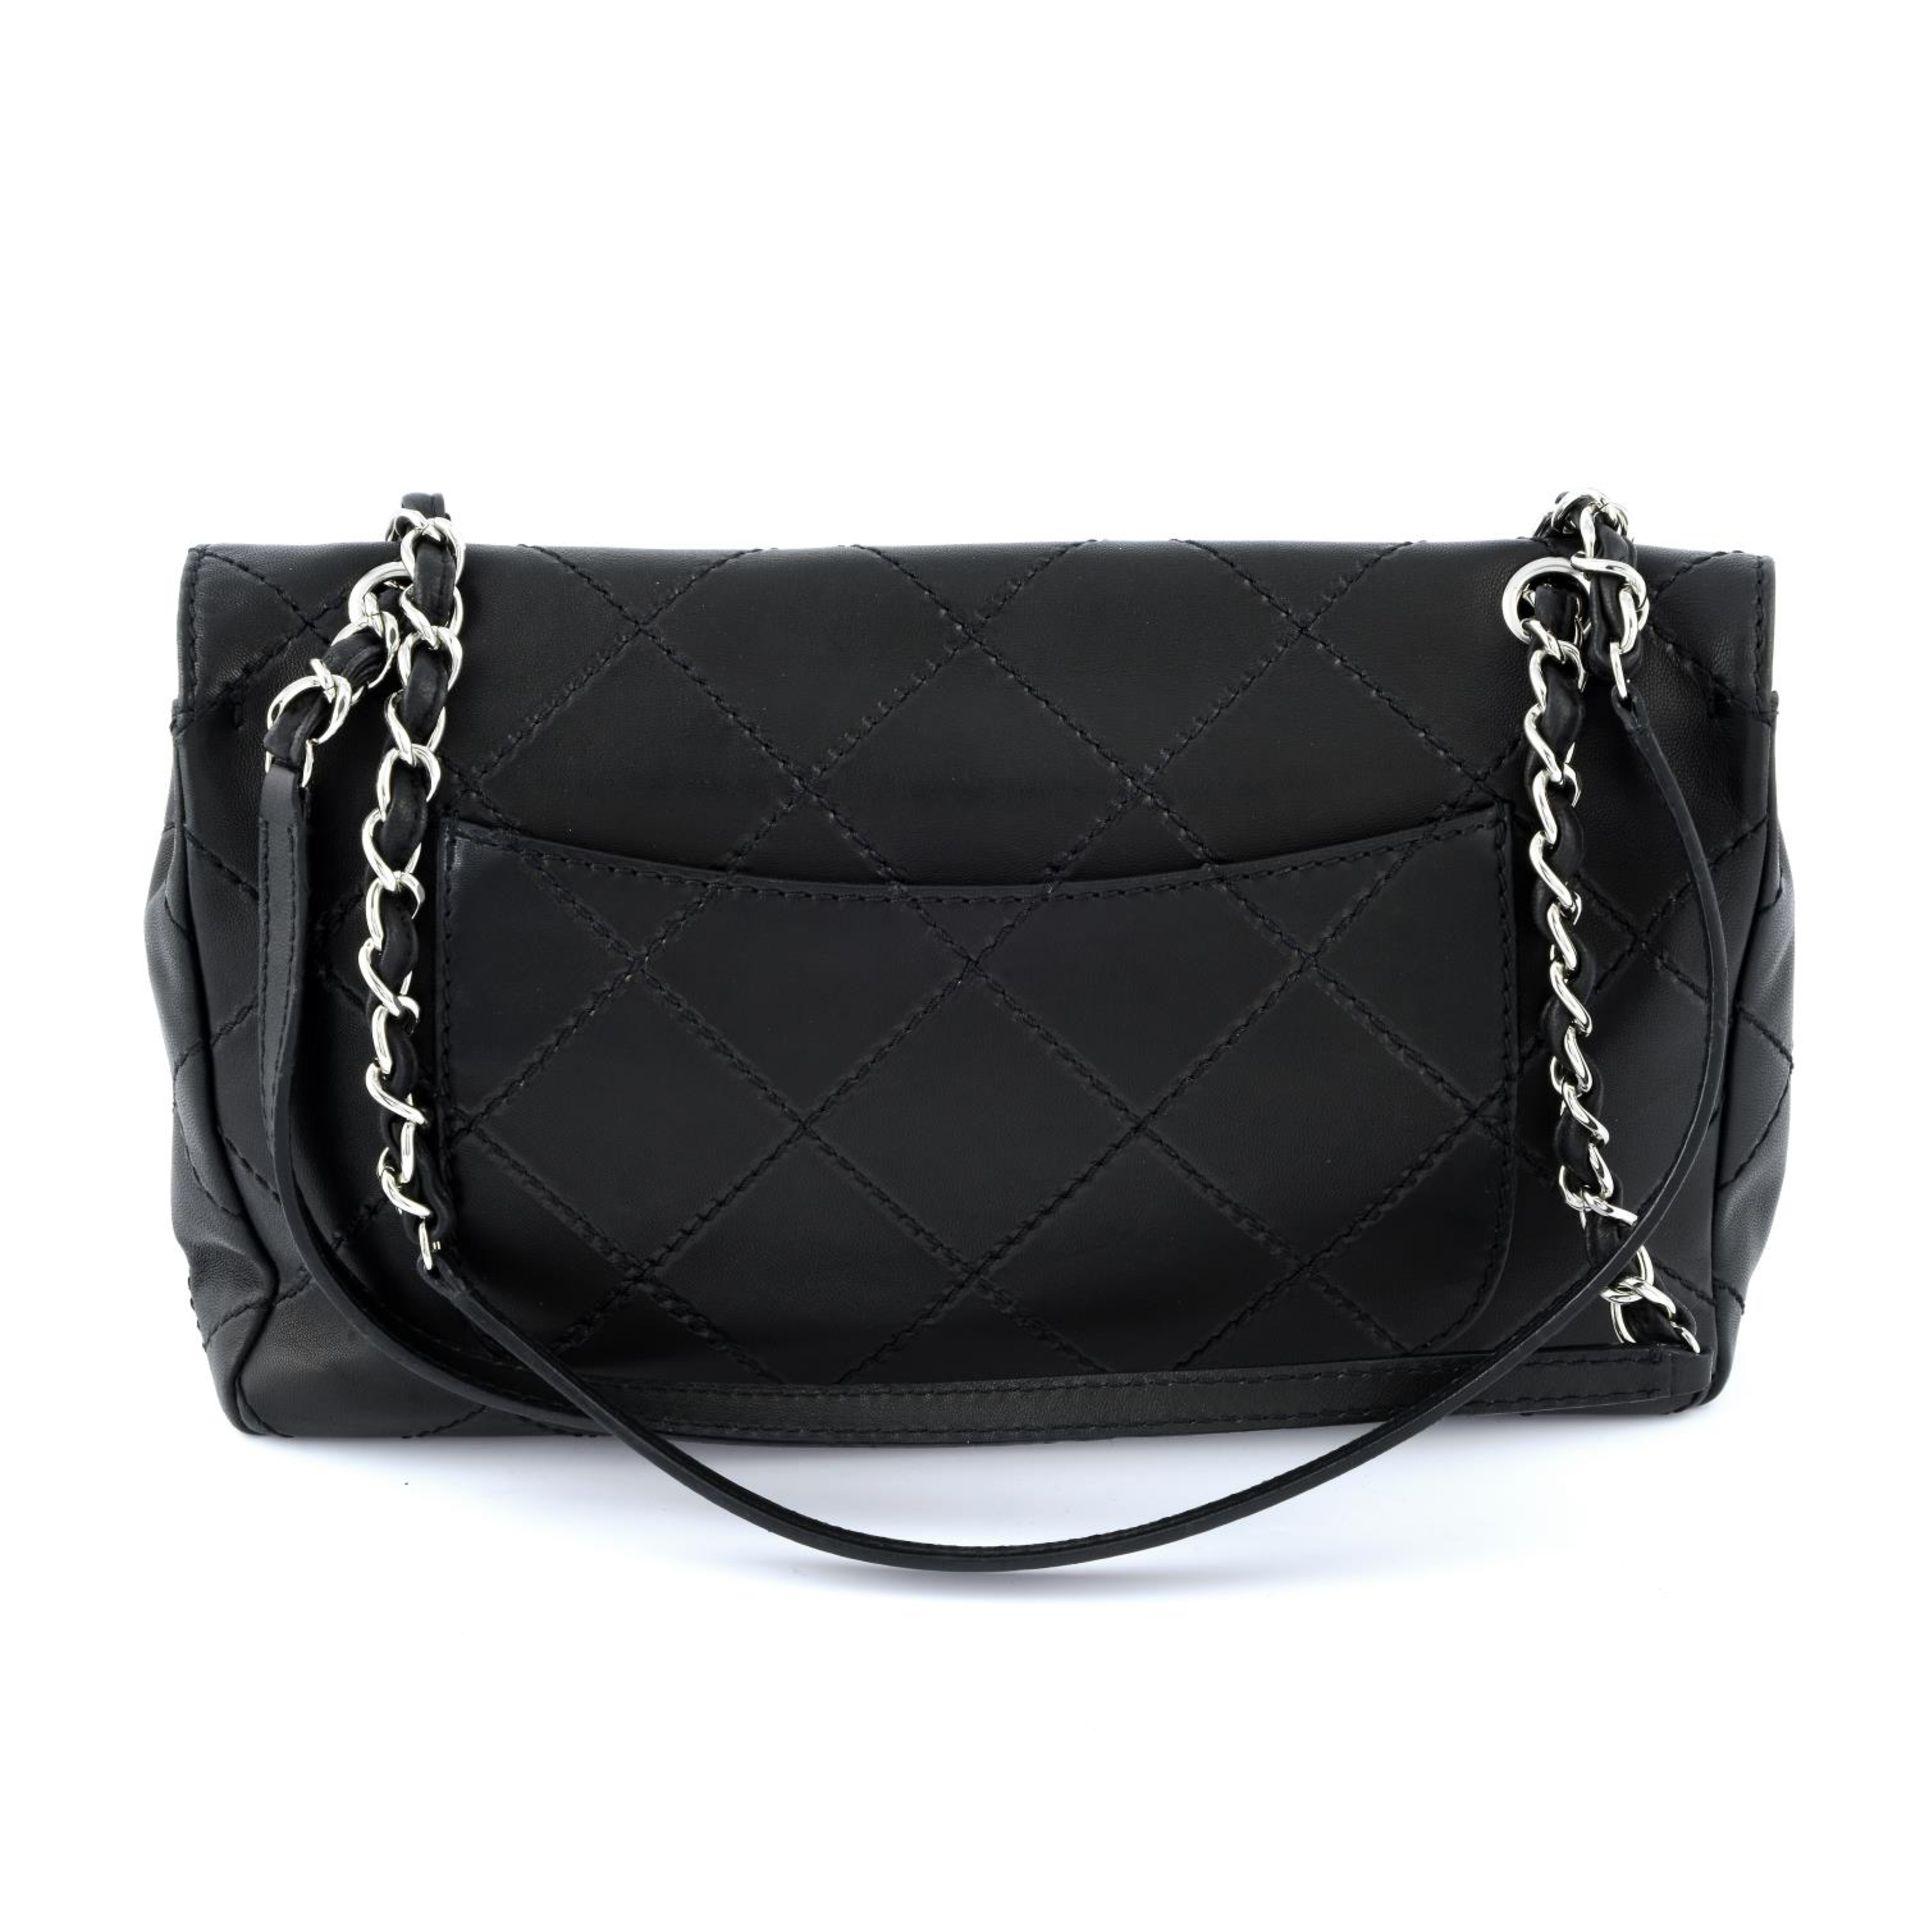 CHANEL - a maxi single flap handbag. - Image 2 of 5